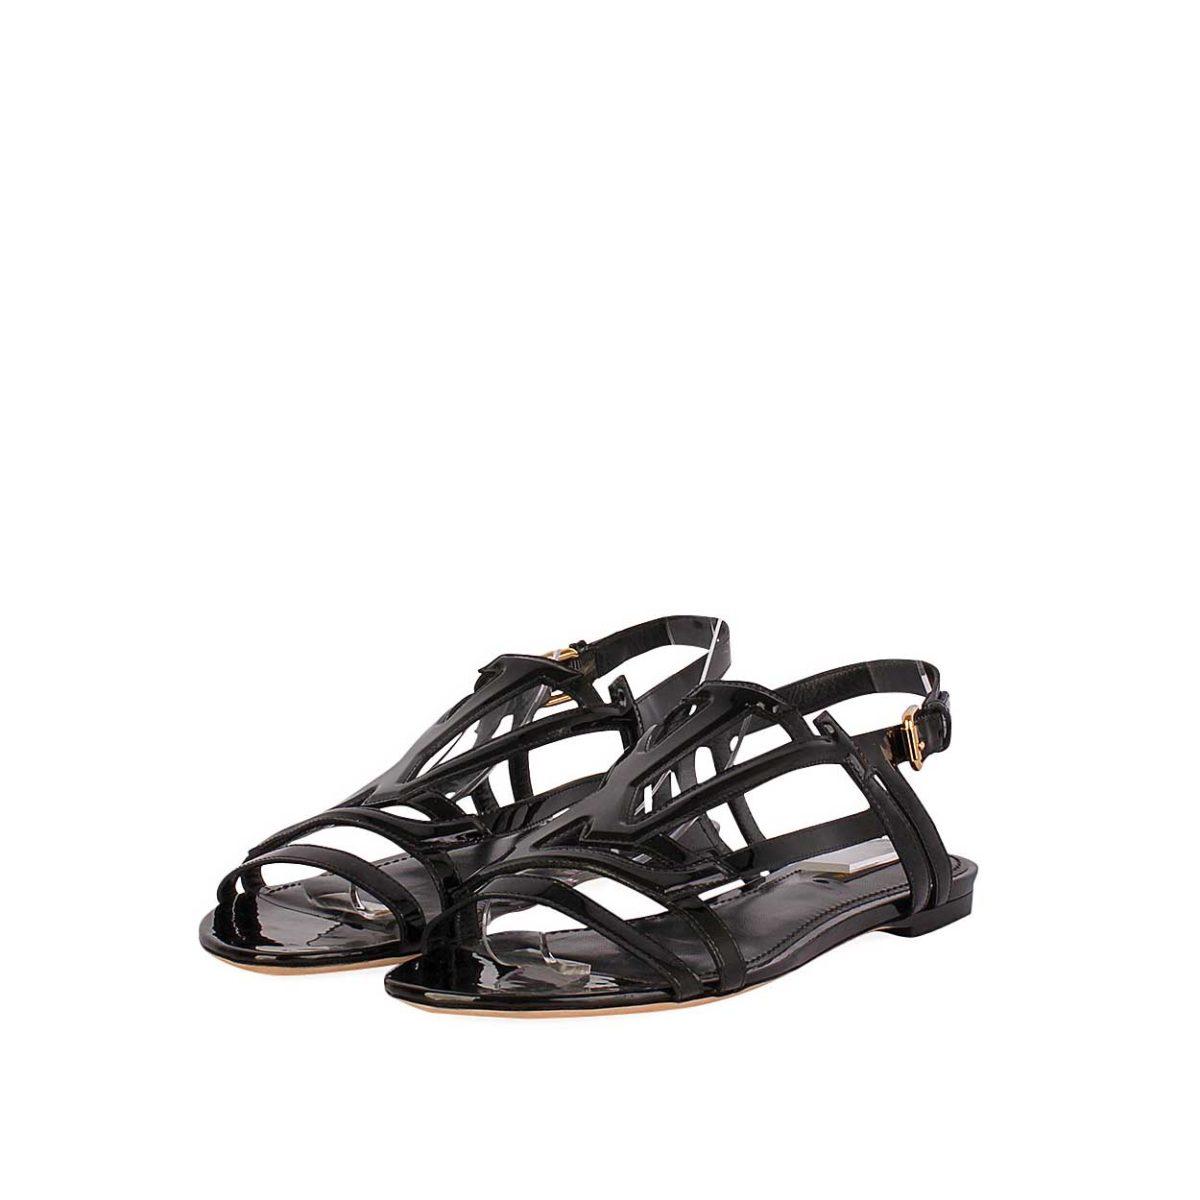 ccf1725a31d6 LOUIS VUITTON Patent Crossing Sandals Black - S  39 (6) – NEW